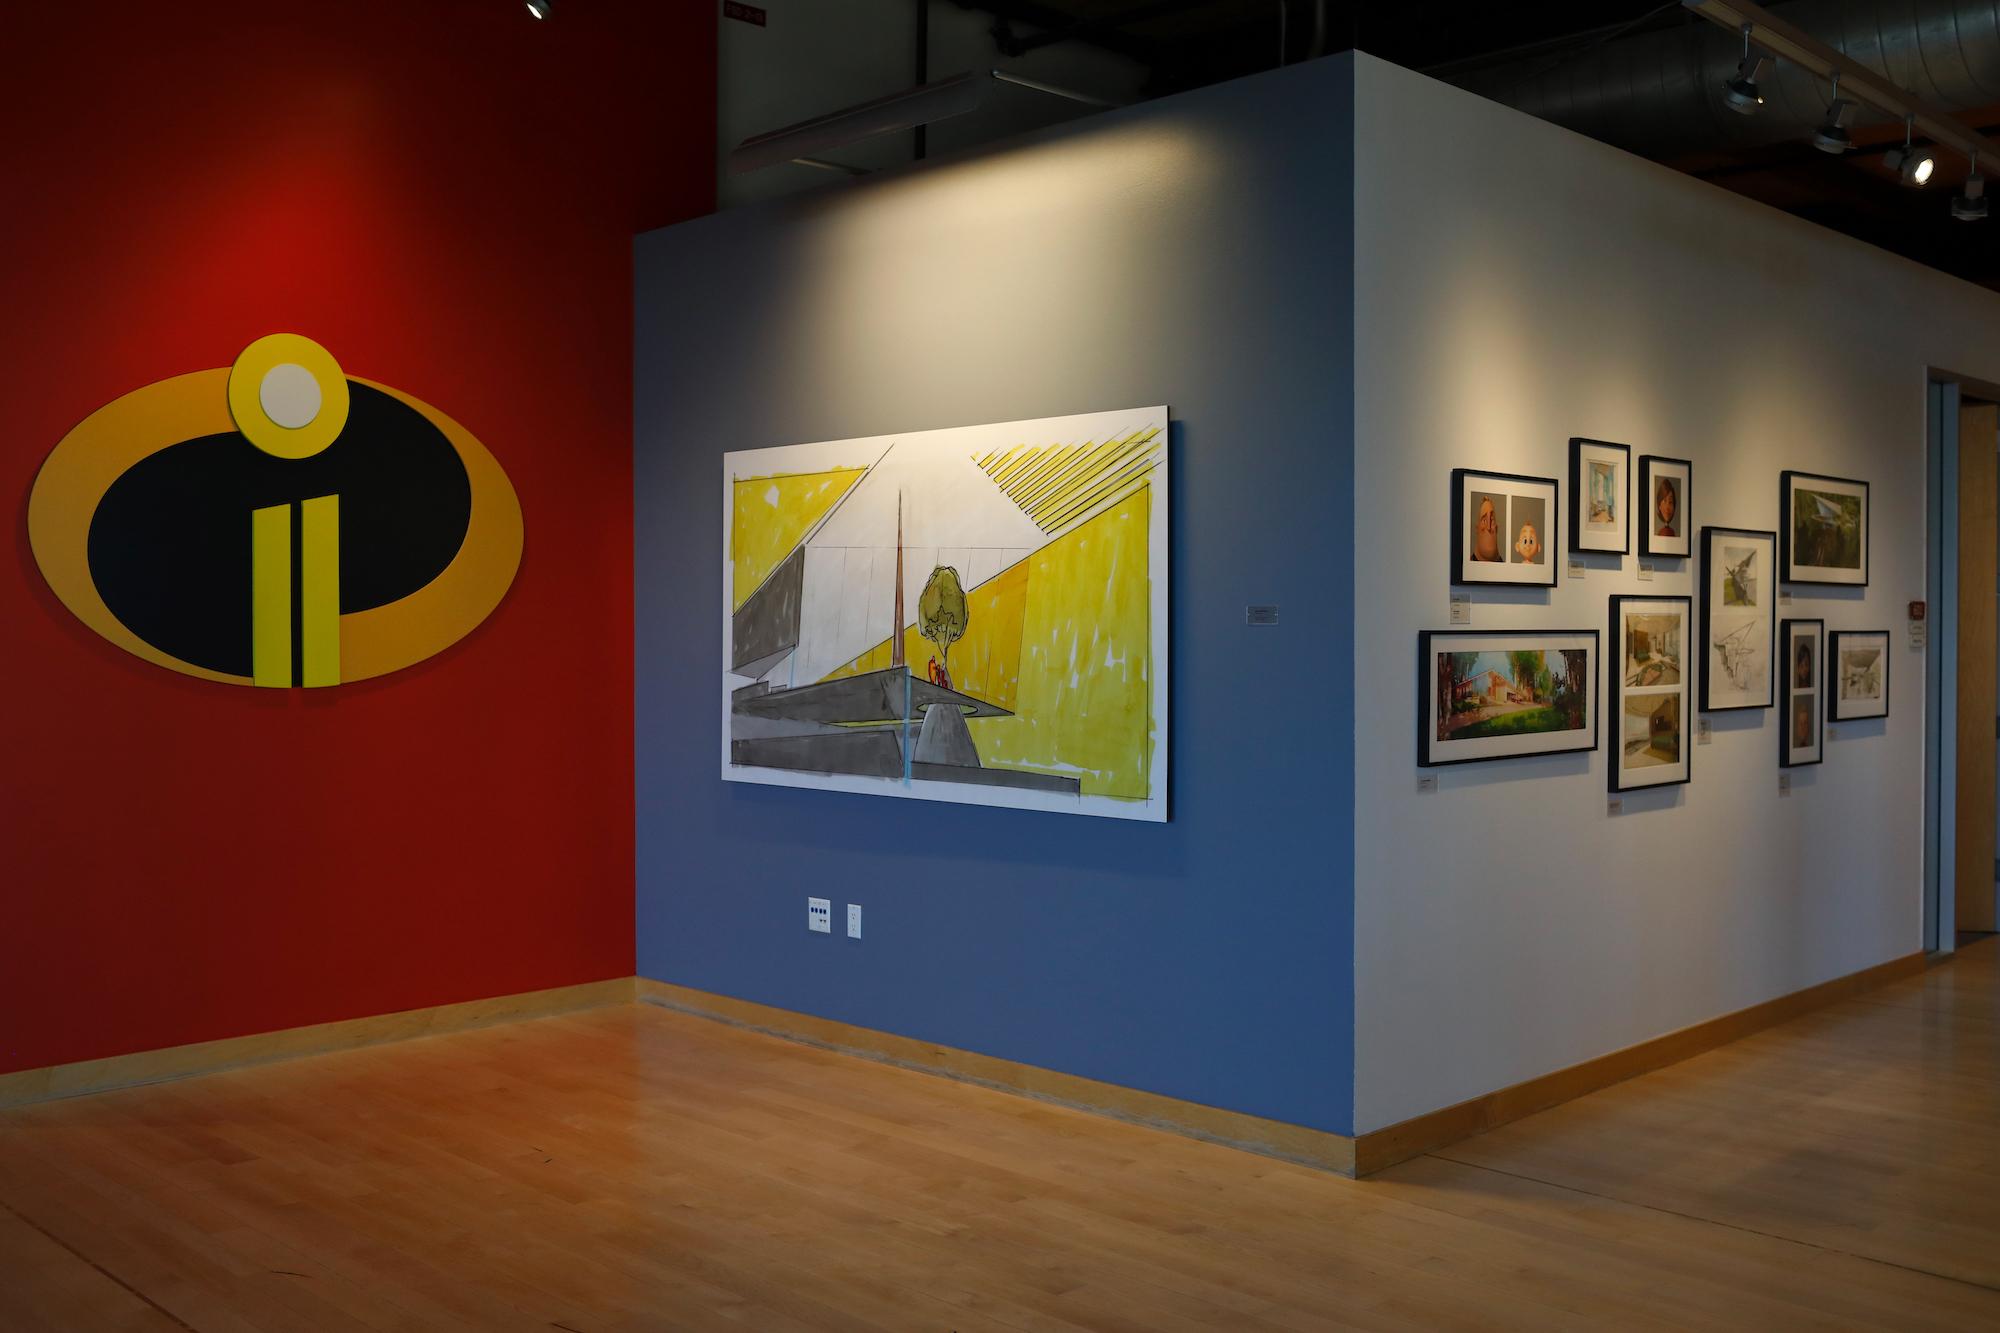 Pixar Studios Incredibles 2 painted walls